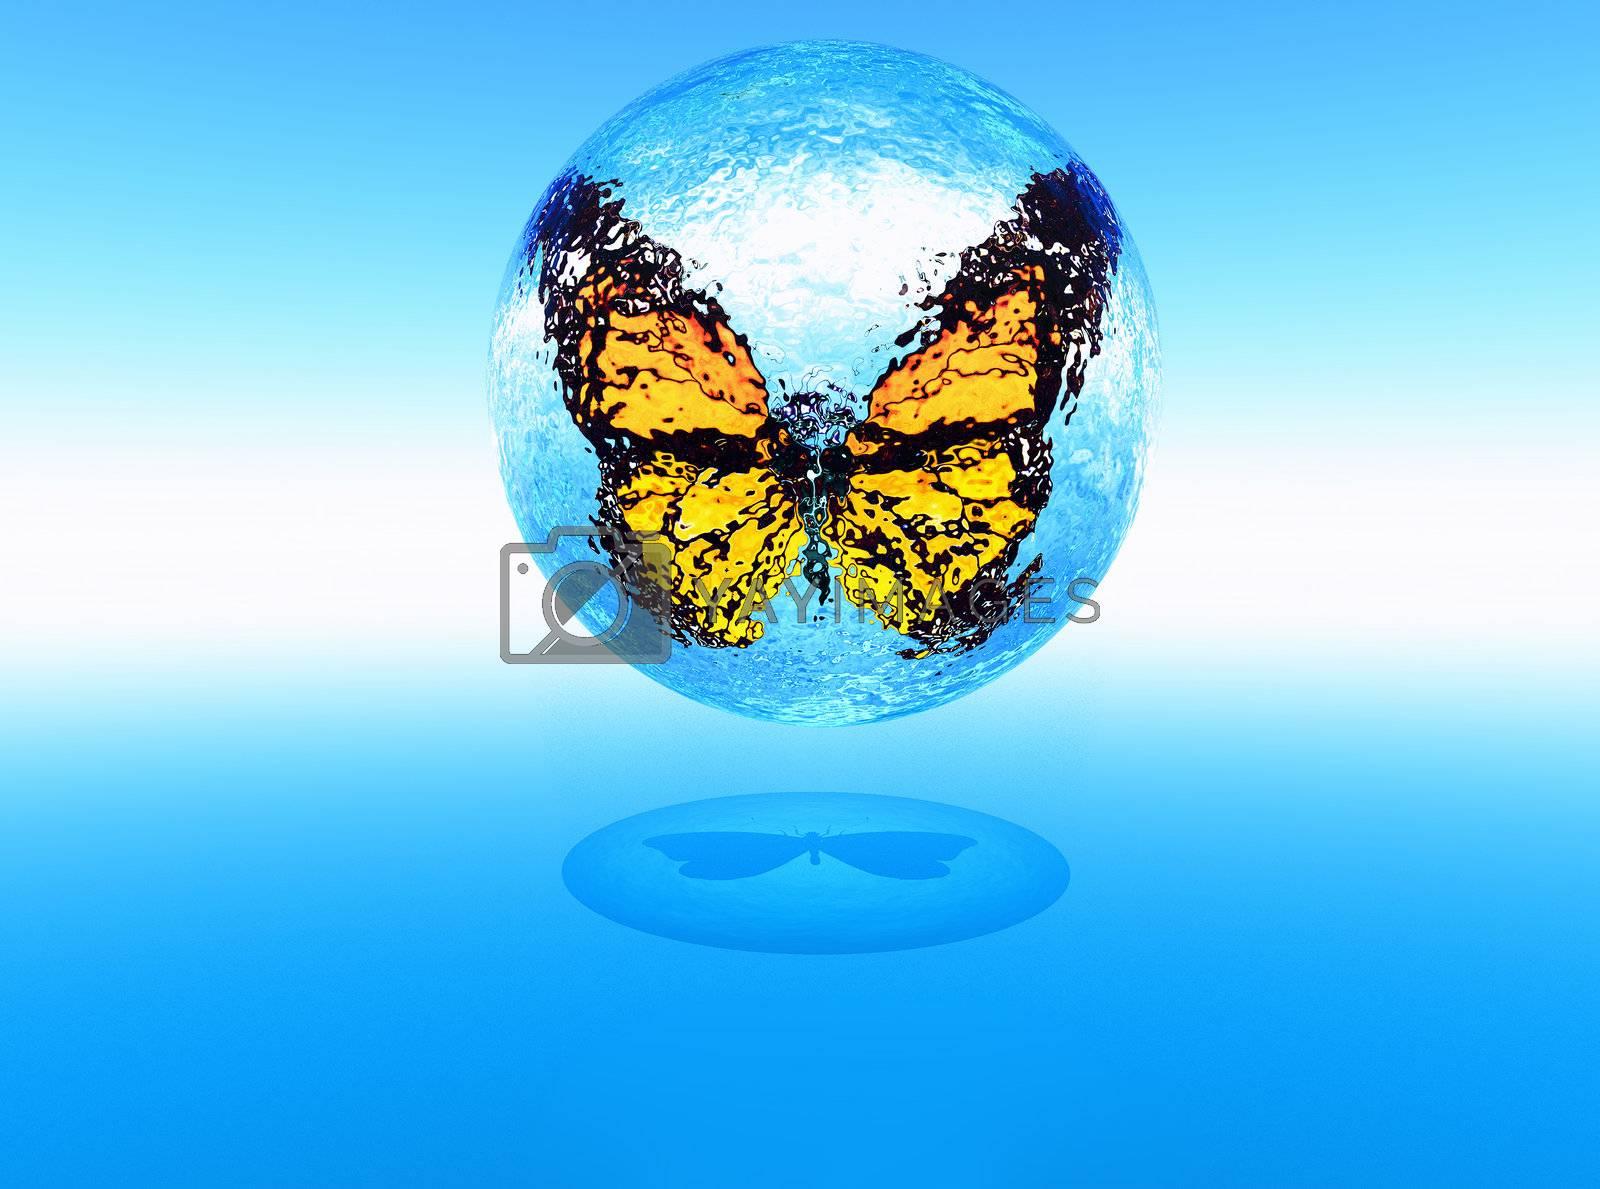 a butterfly inside a sphere of water in 3D modeling